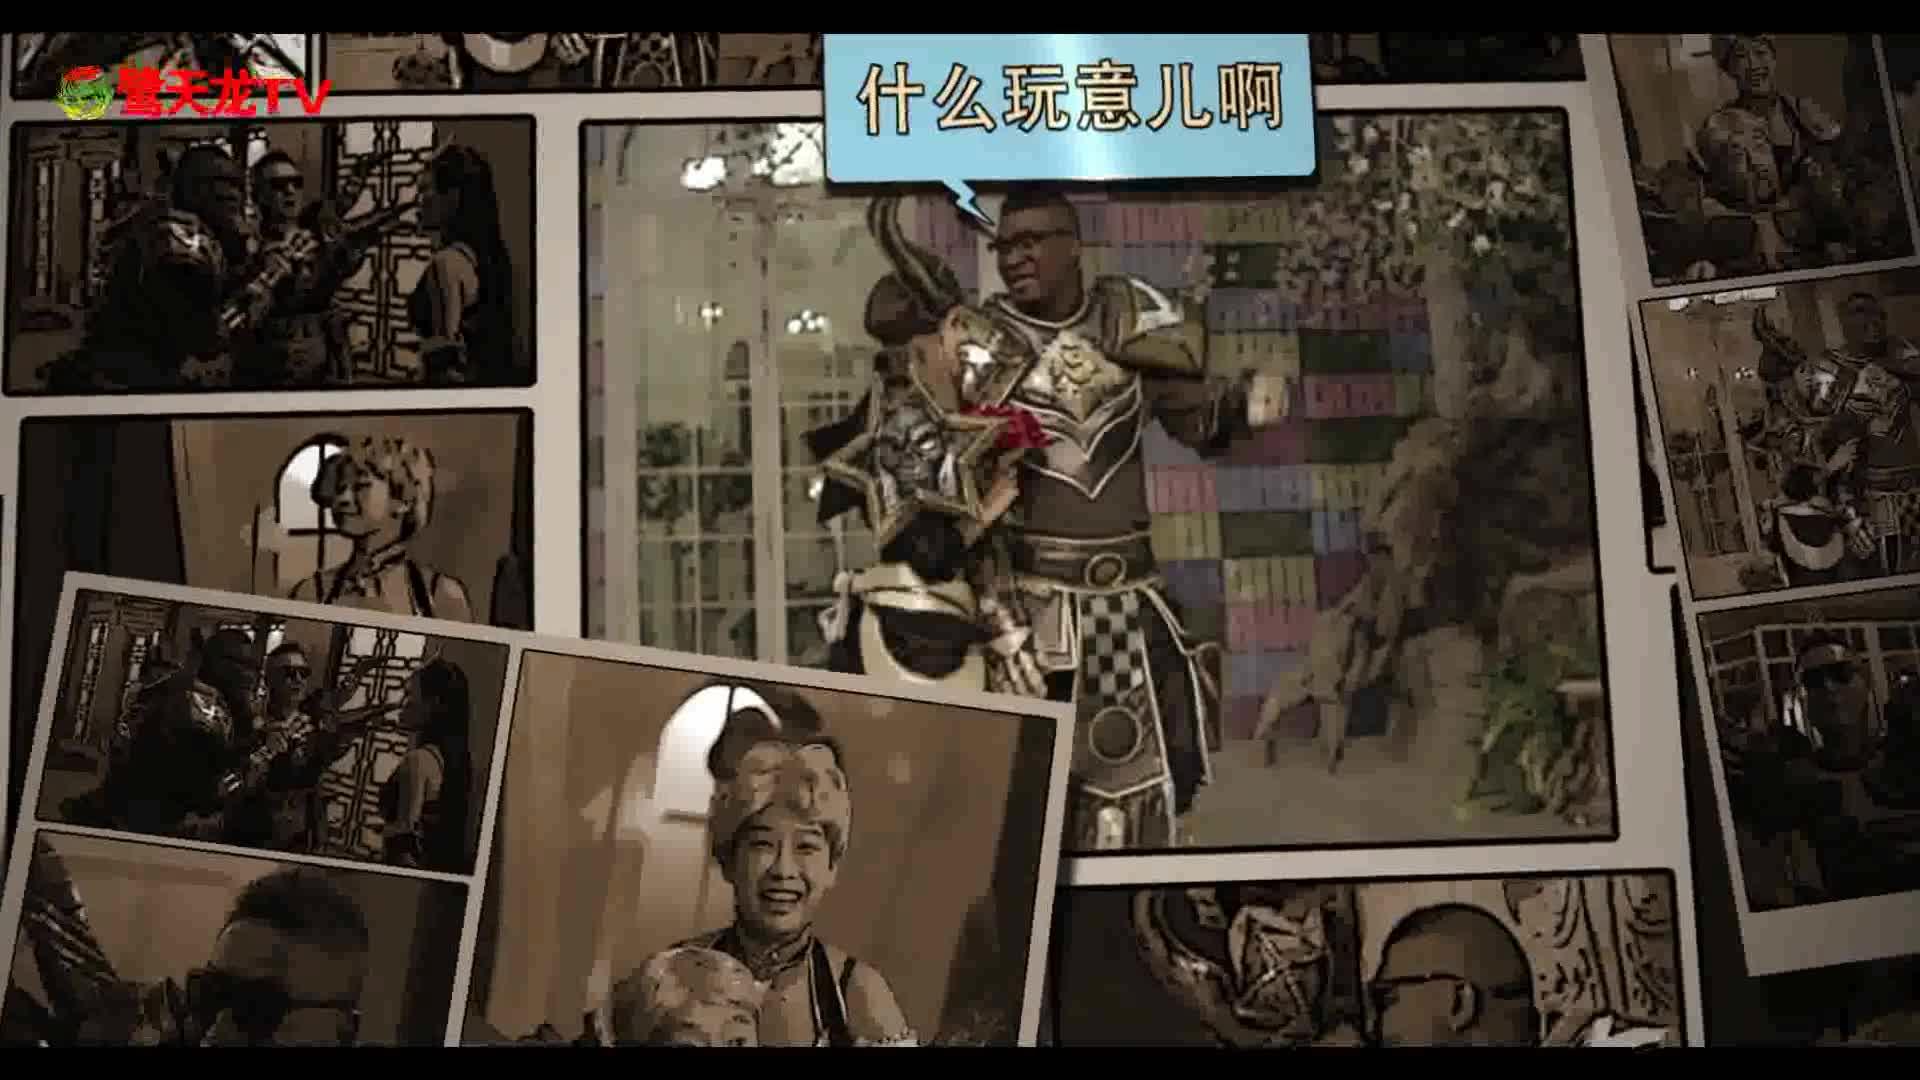 《五洲唱响乐团之幸福秘籍》系列短视频